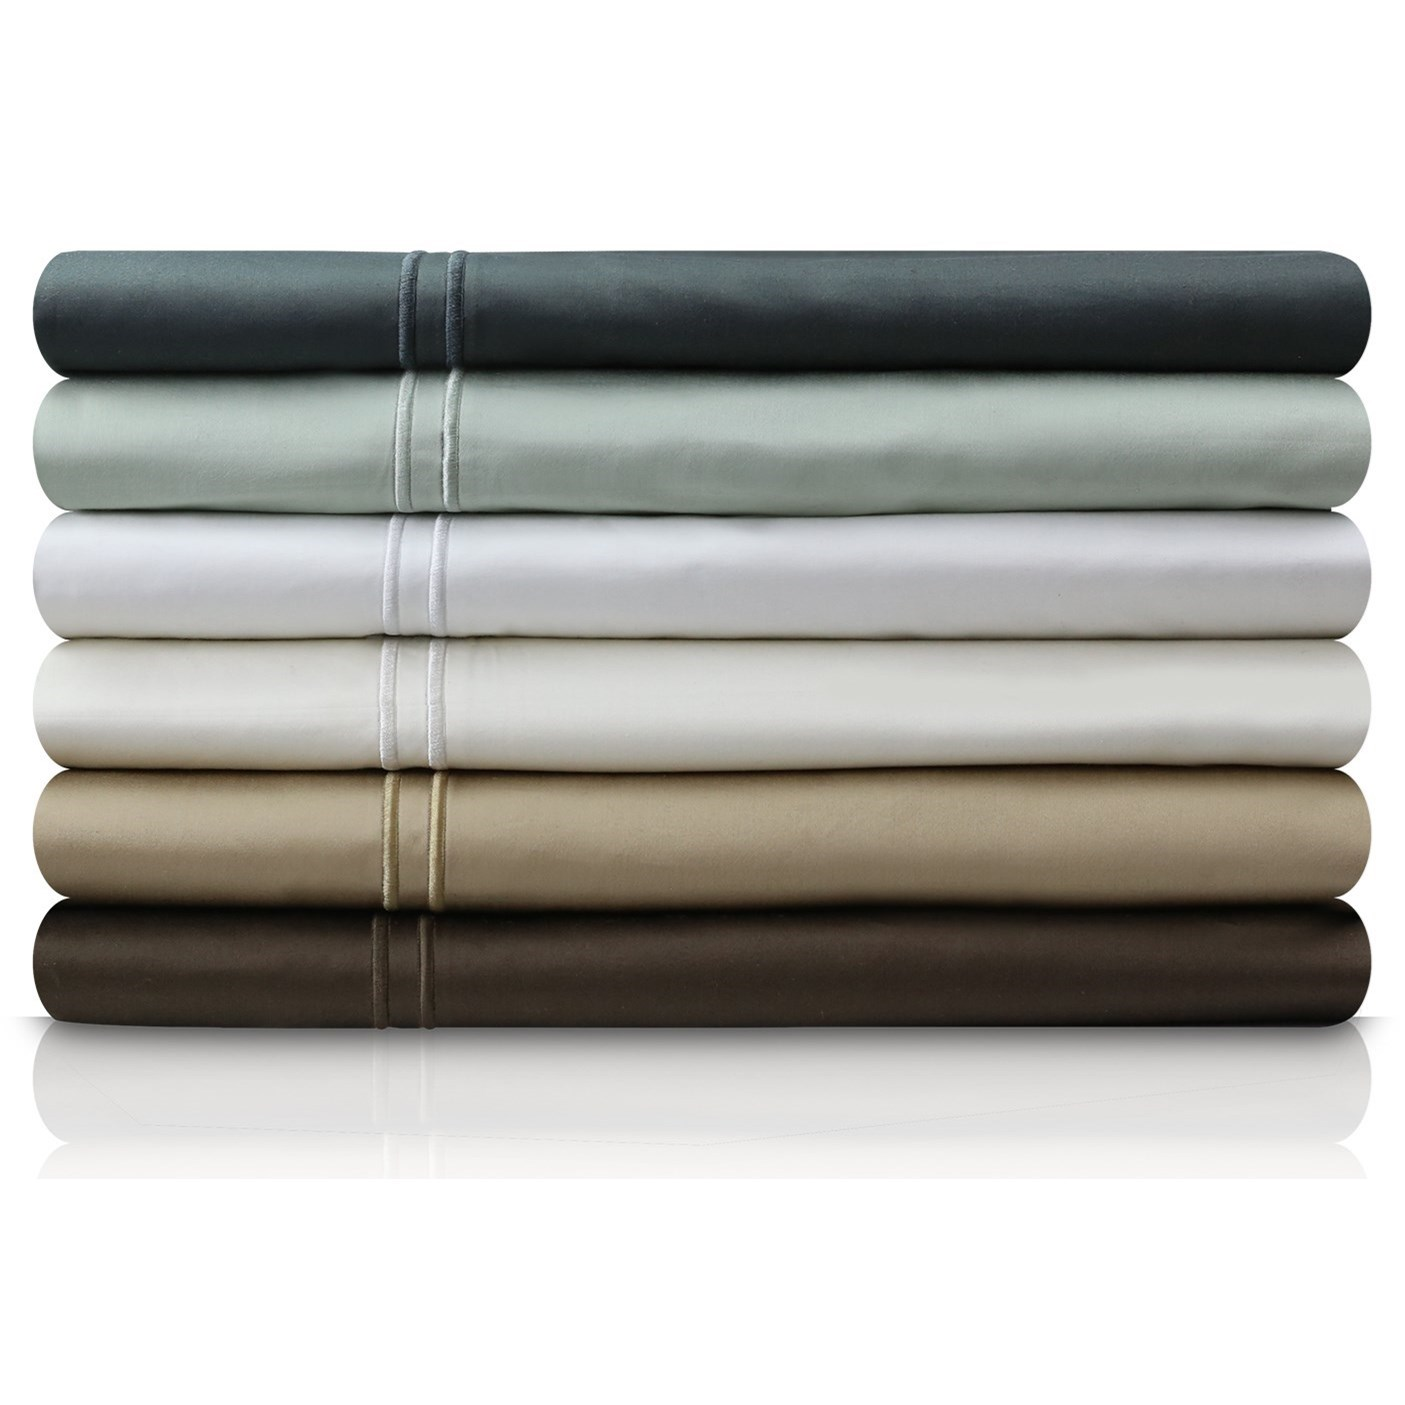 Malouf Egyptian Cotton Twin XL 400 TC Egyptian Cotton Sheet Set - Item Number: MA04TXKHSS